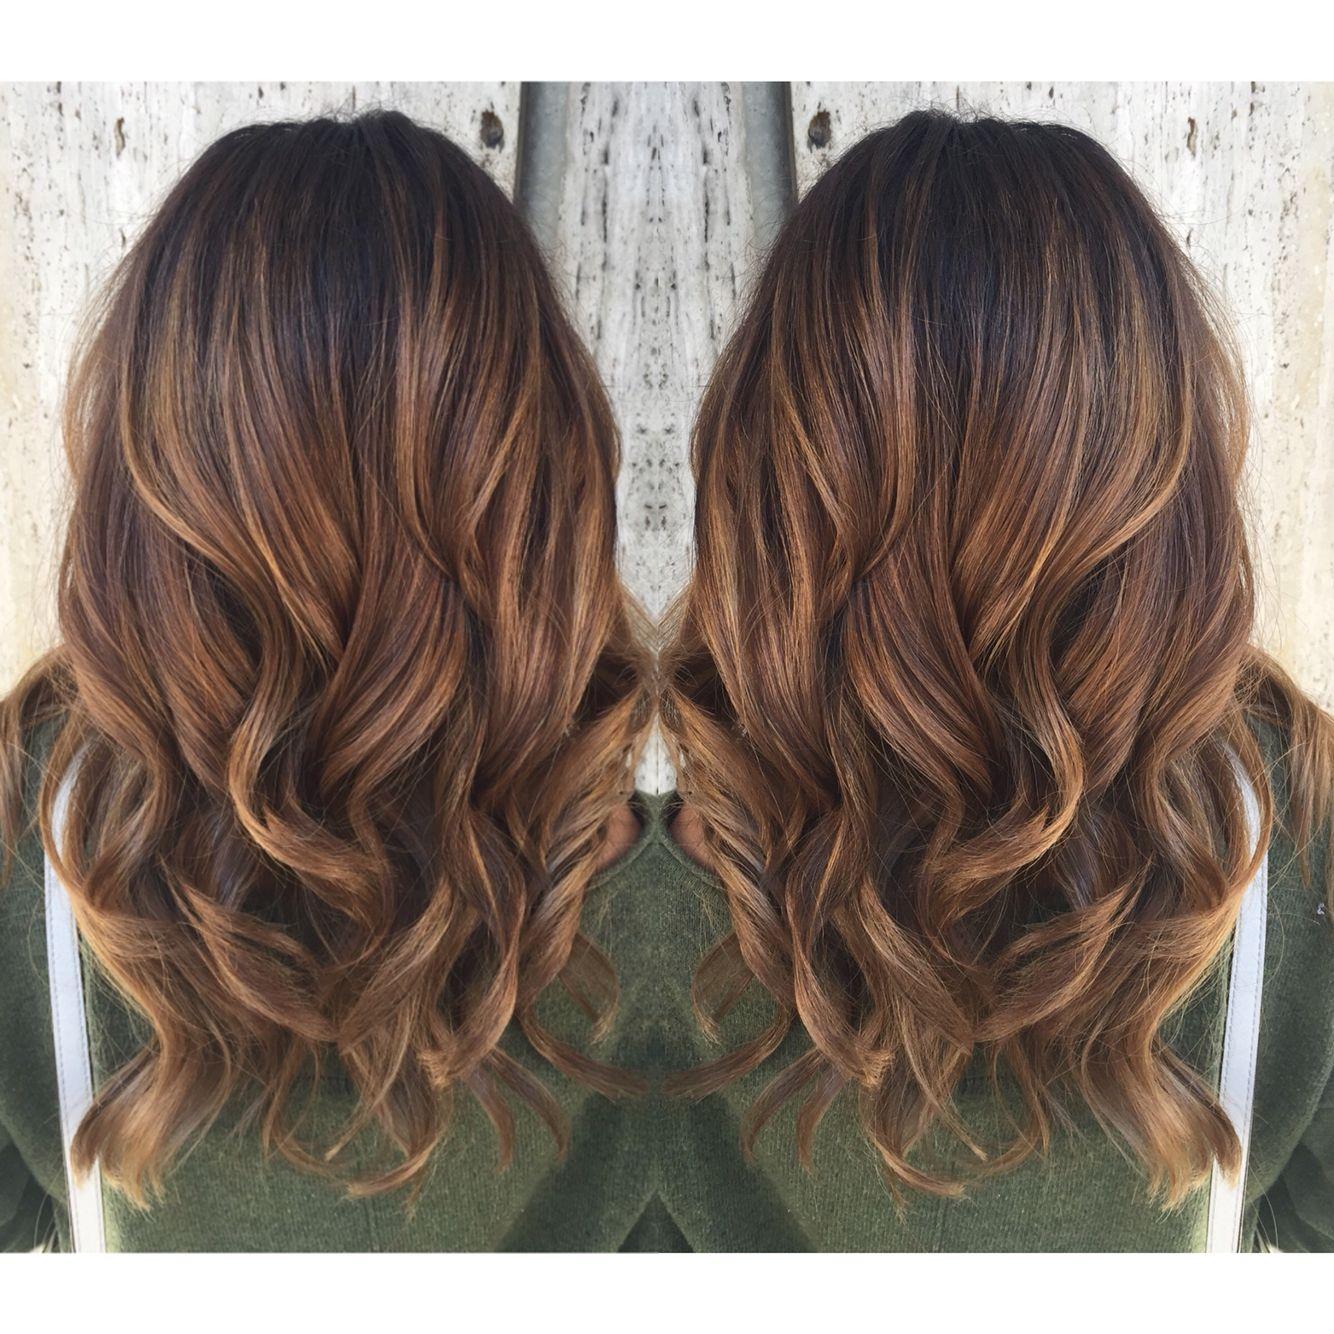 Smokey balayage #HairByTaylorSteingold